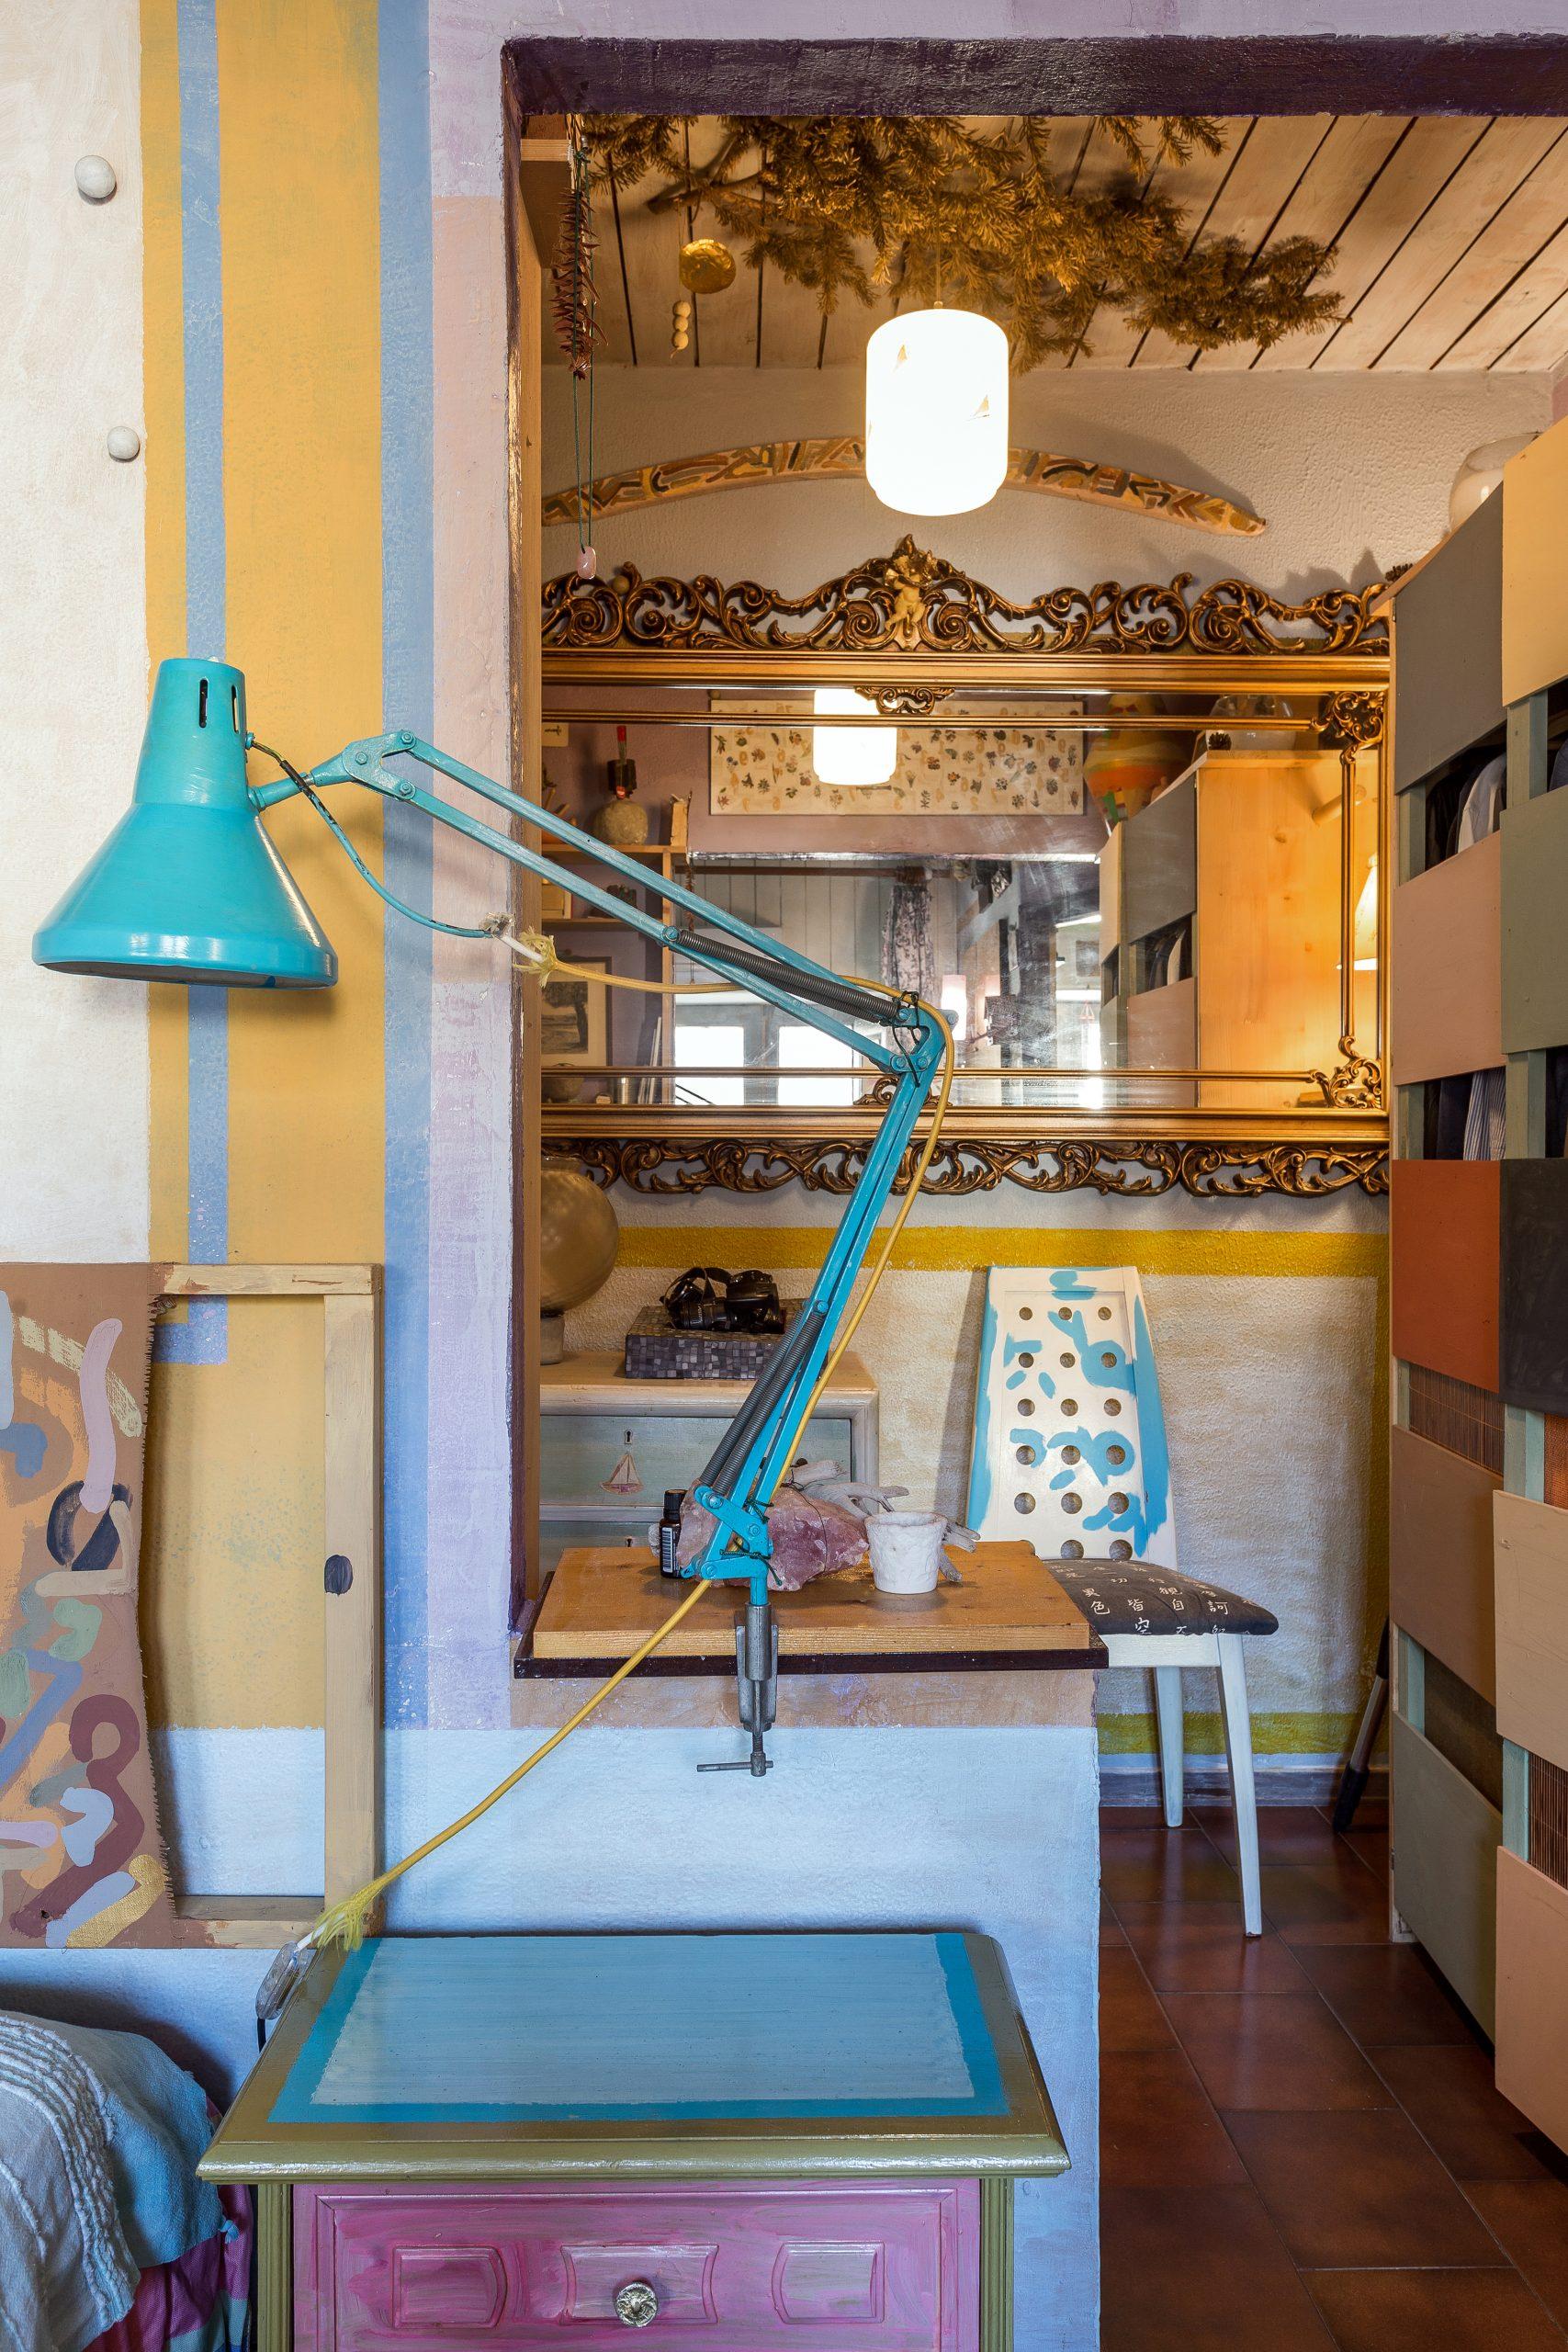 sicily interior designer social house contemporary artist